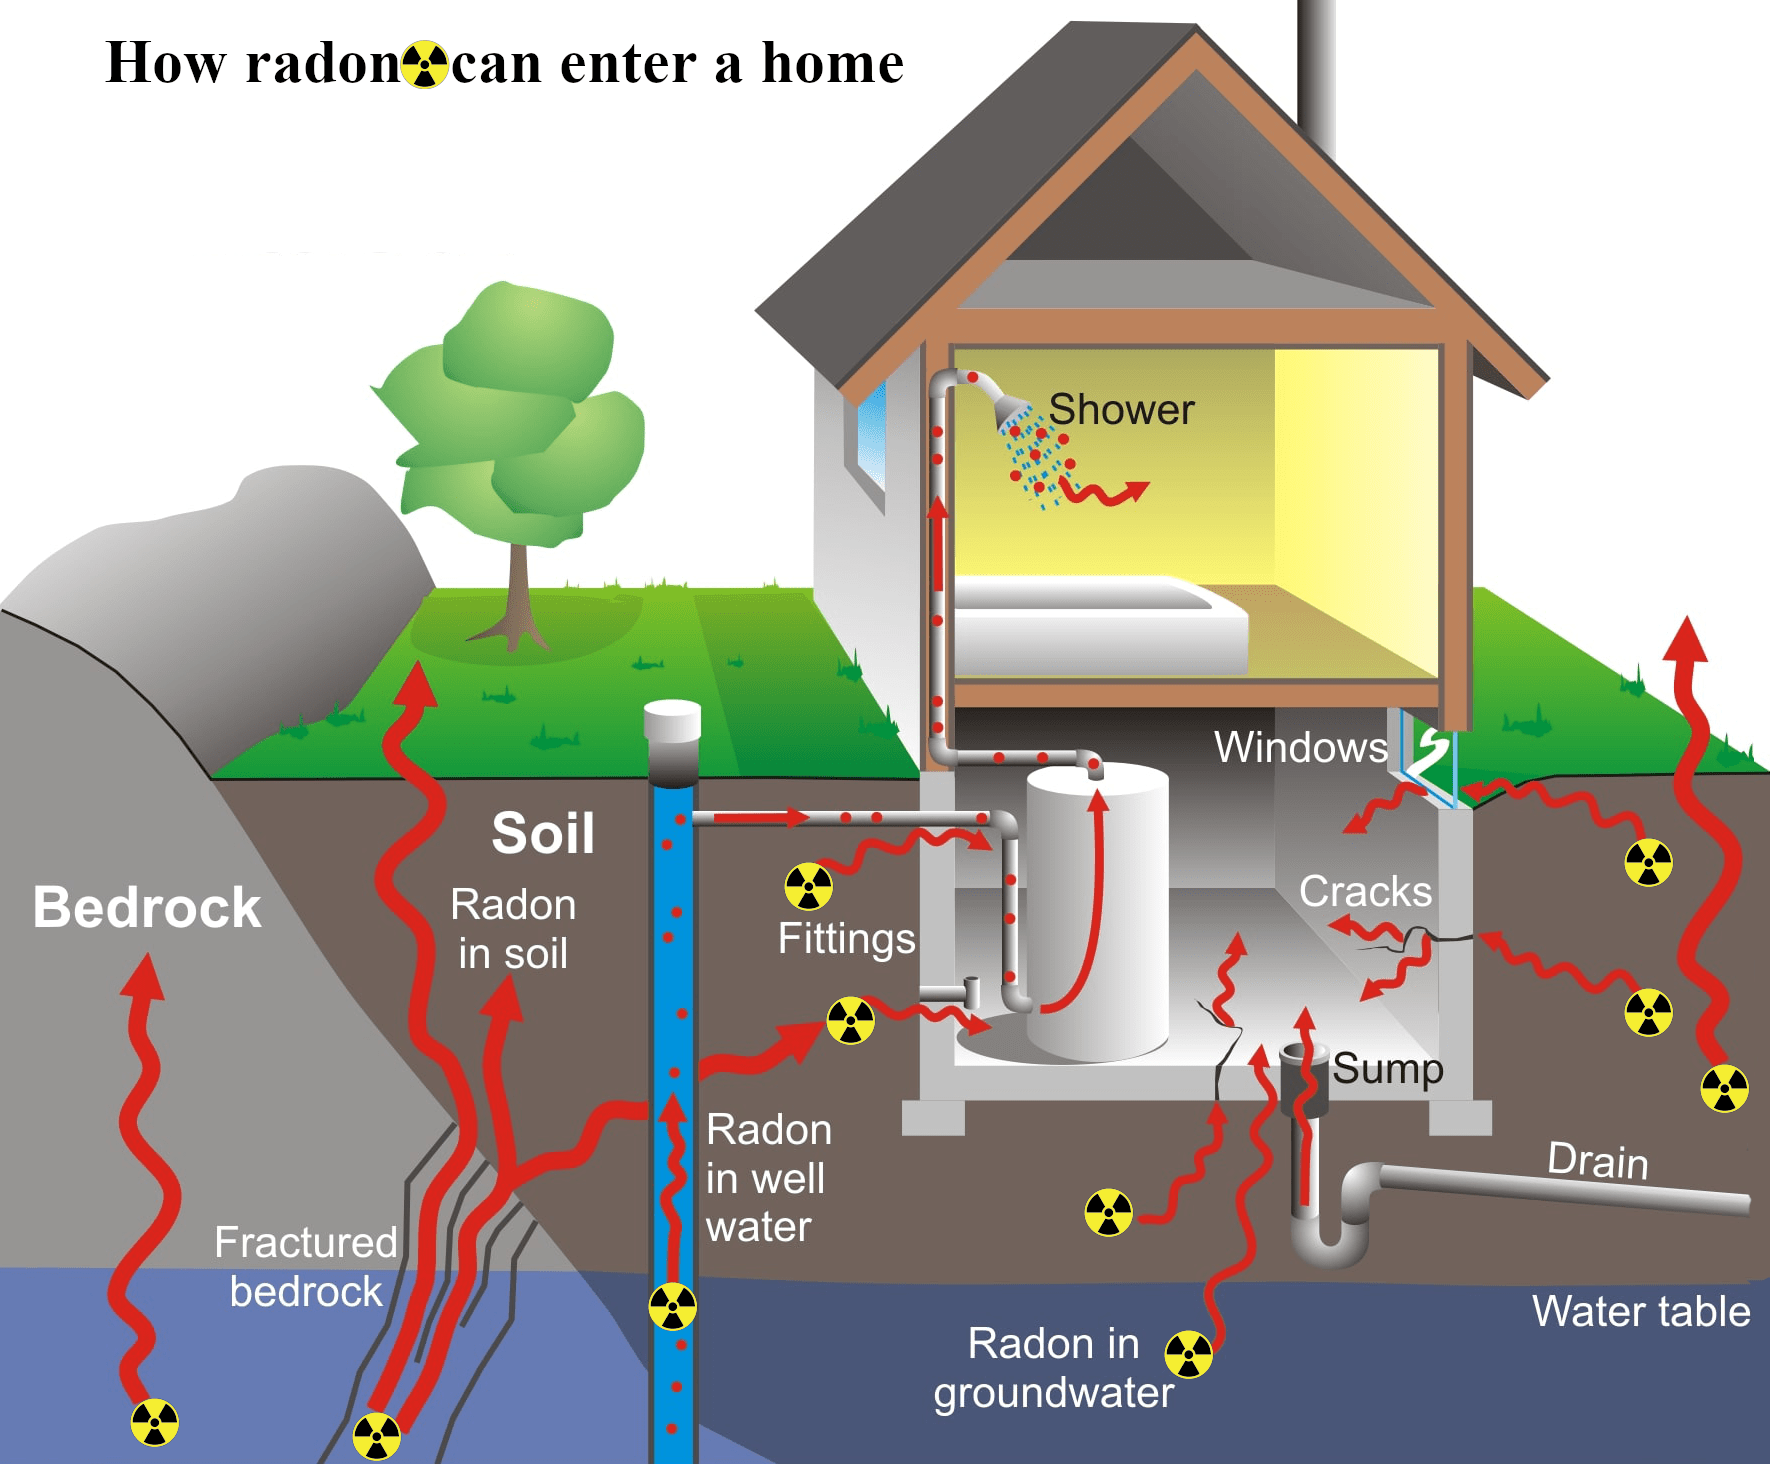 Radon Gas Enter Home